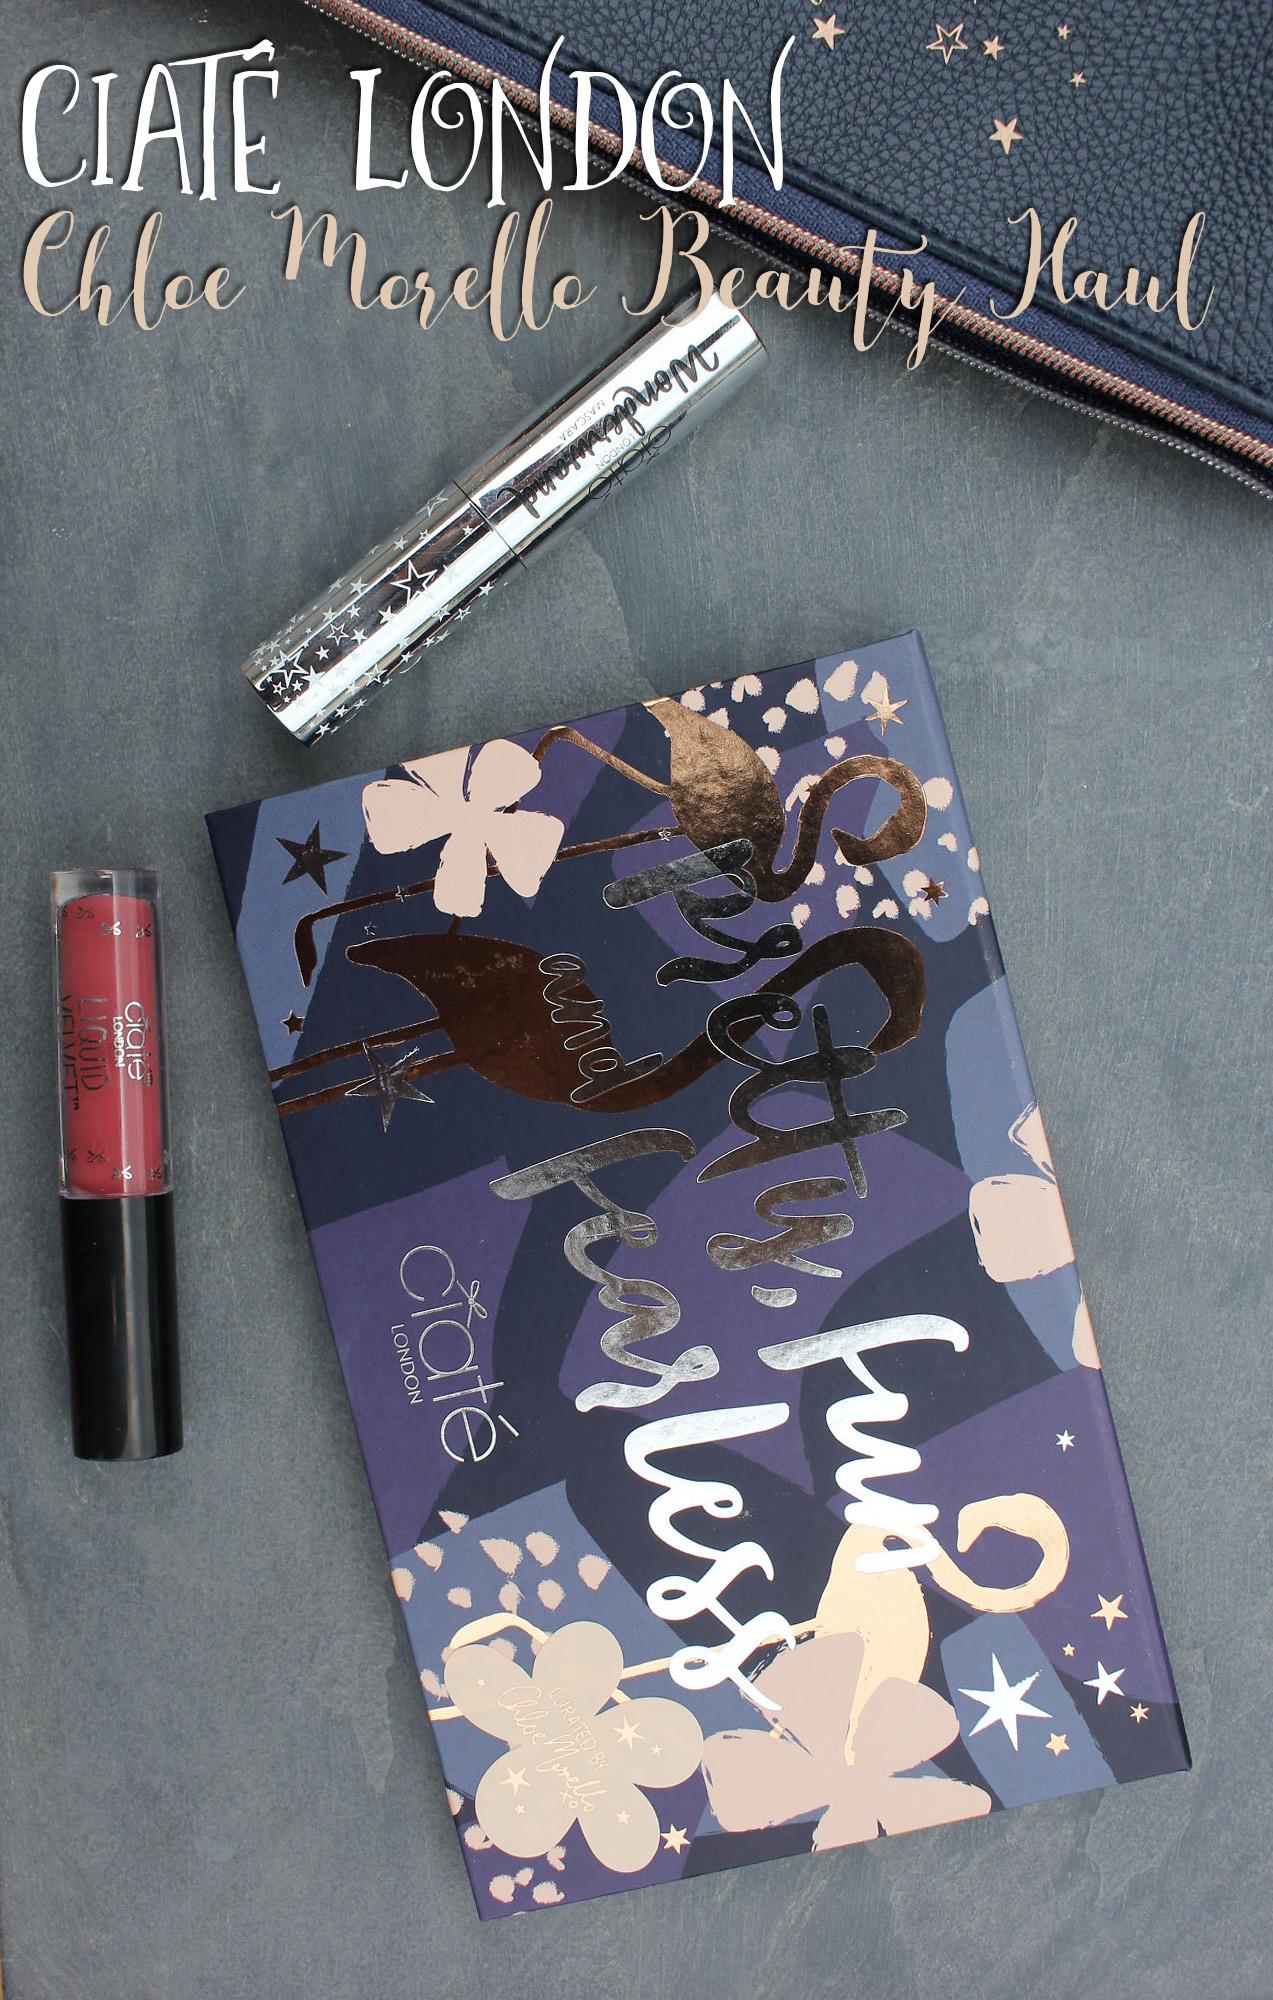 ciate-london-chloe-morello-beauty-haul-makeup-set